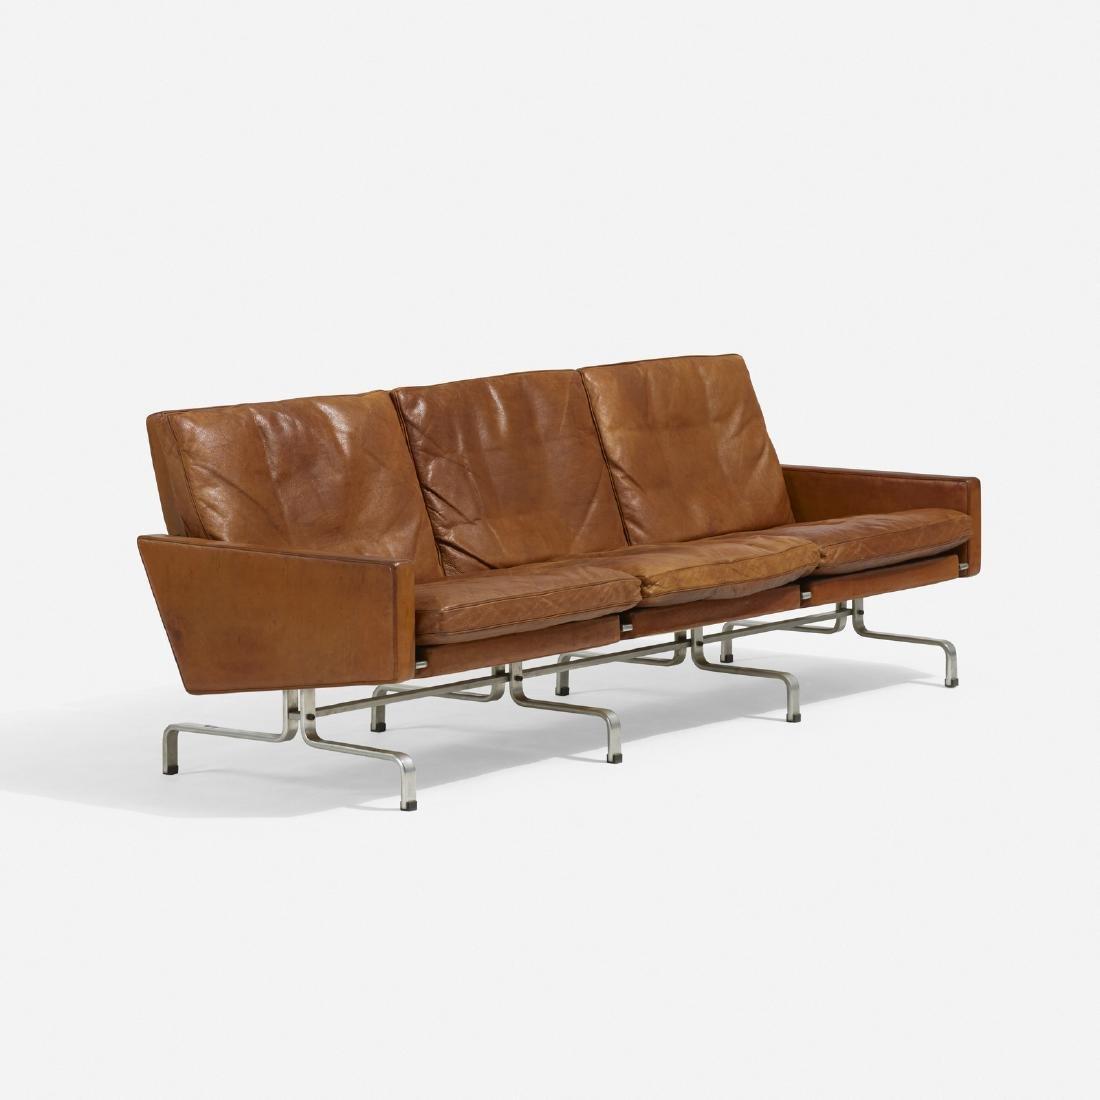 Poul Kjaerholm, PK 31/3 sofa